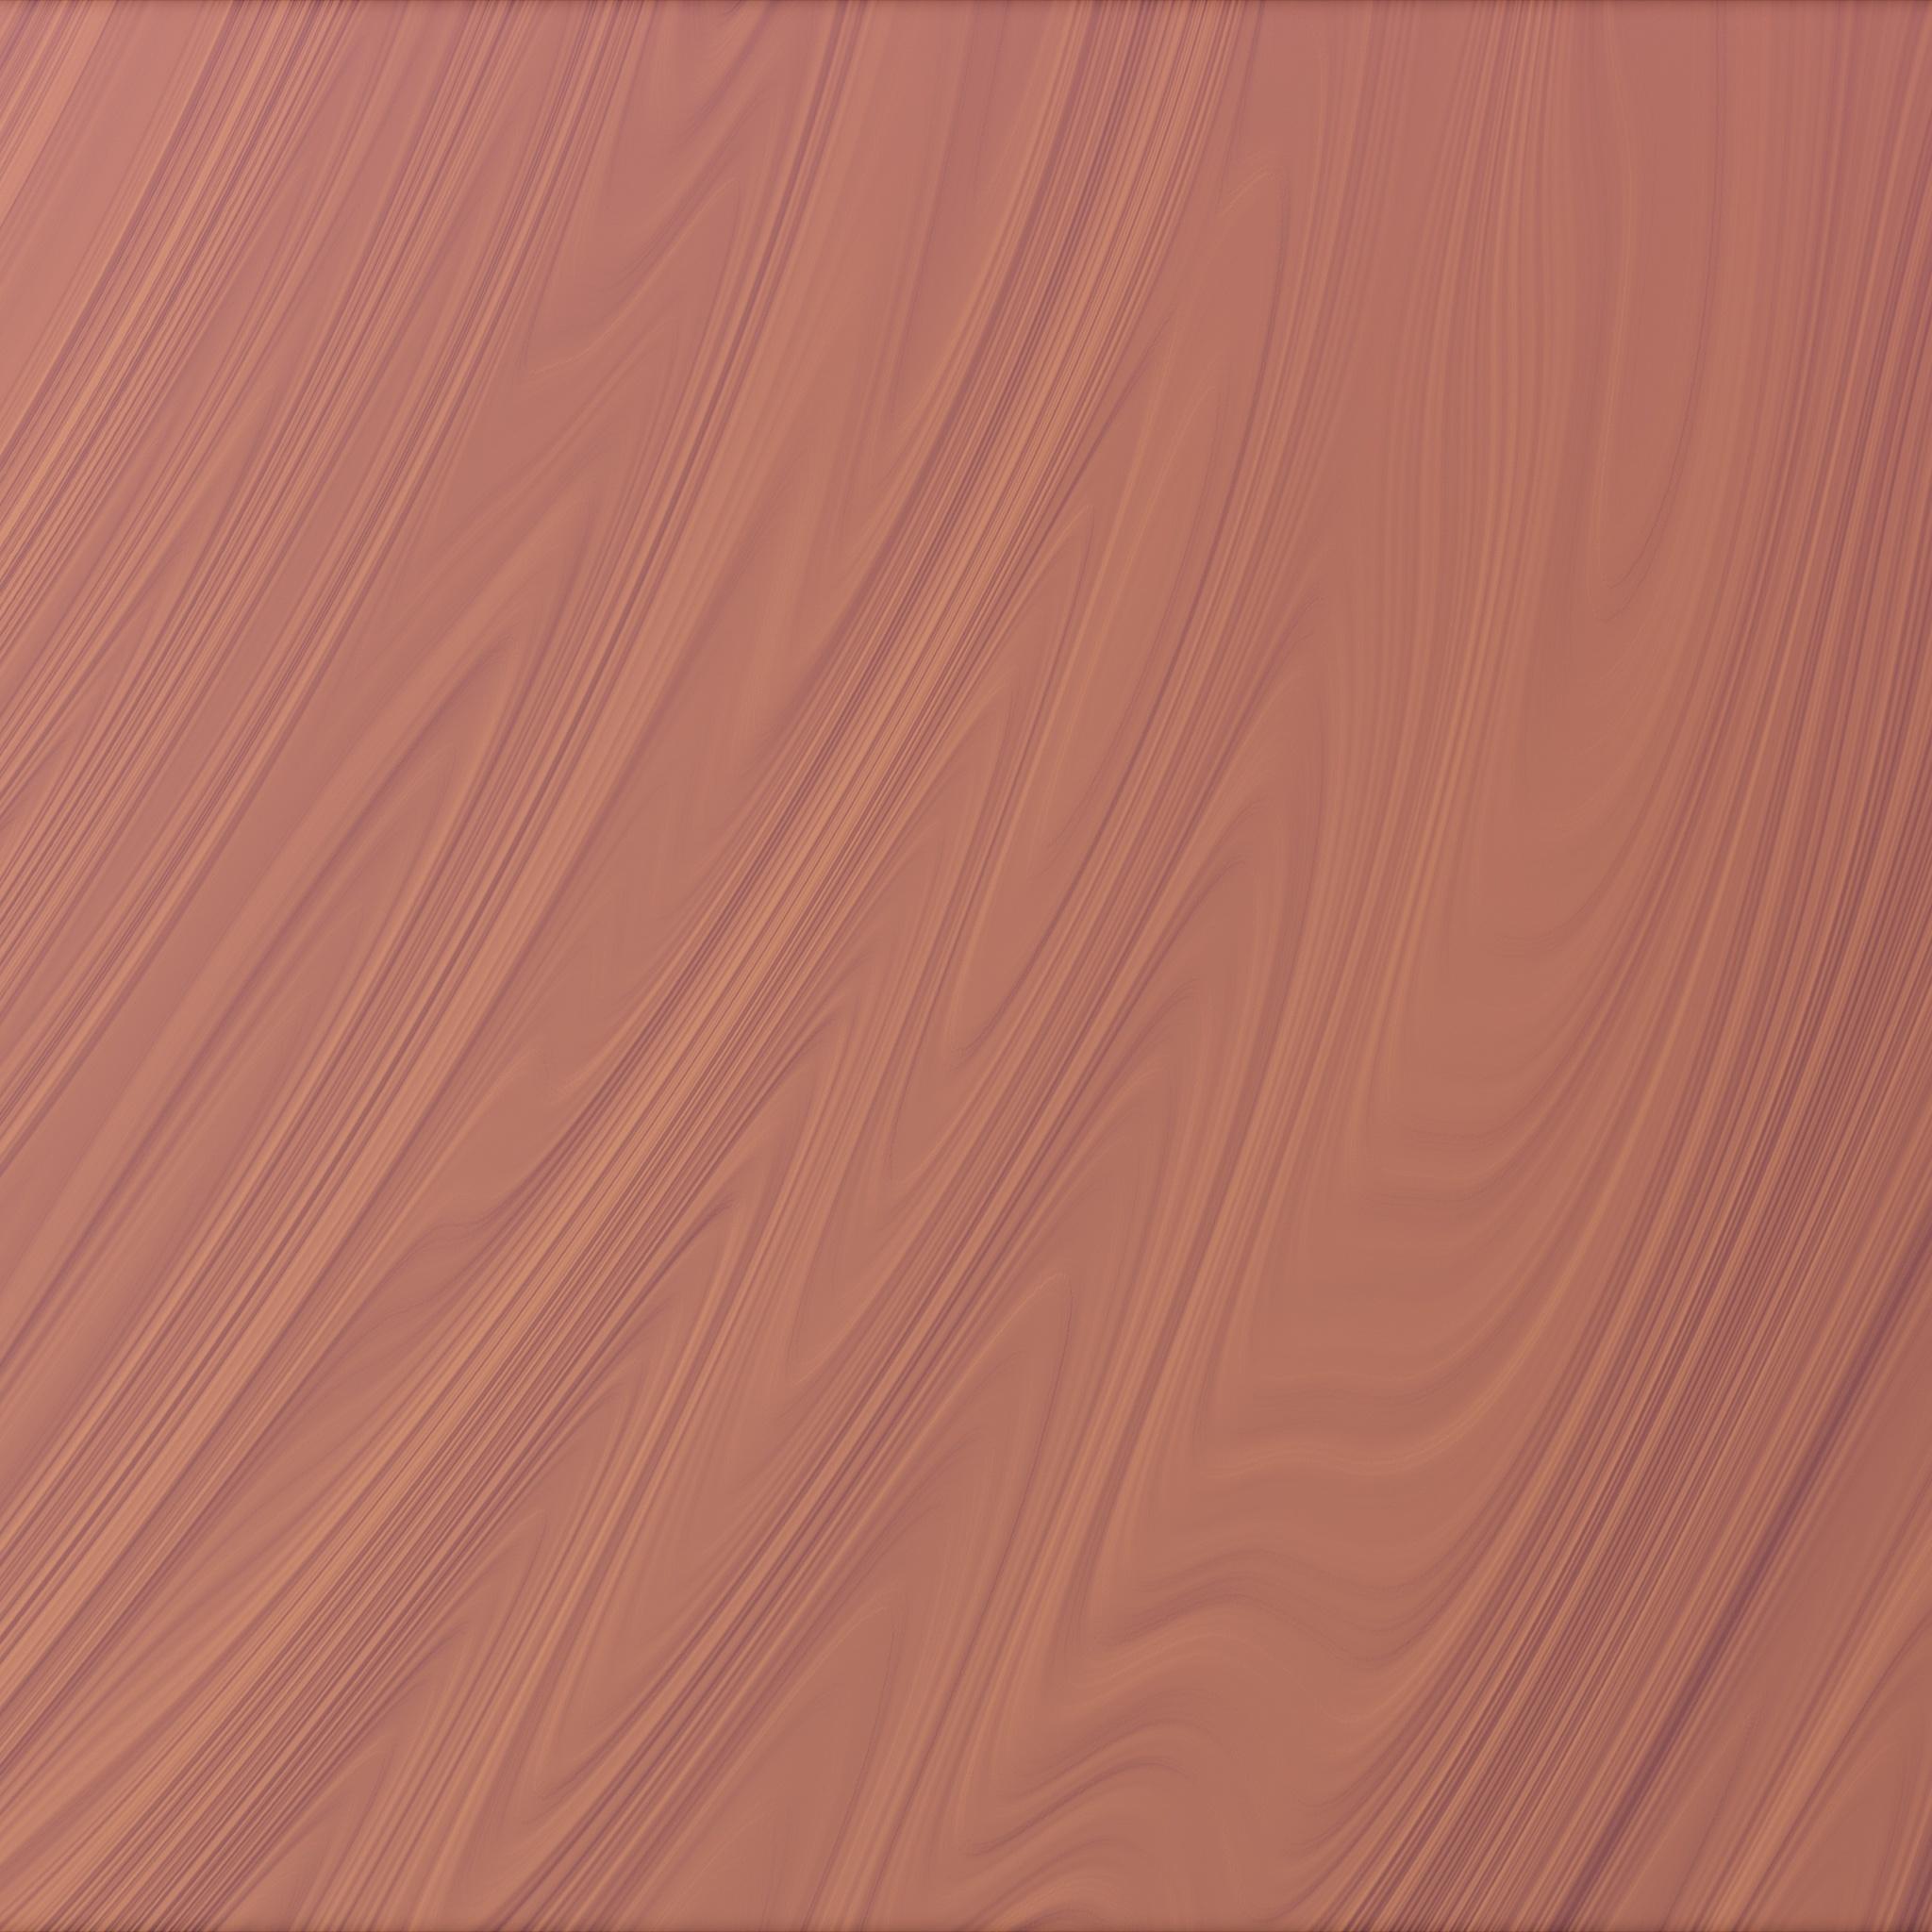 2048x2048 Wood Texture Abstract 4k Ipad Air Hd 4k Wallpapers